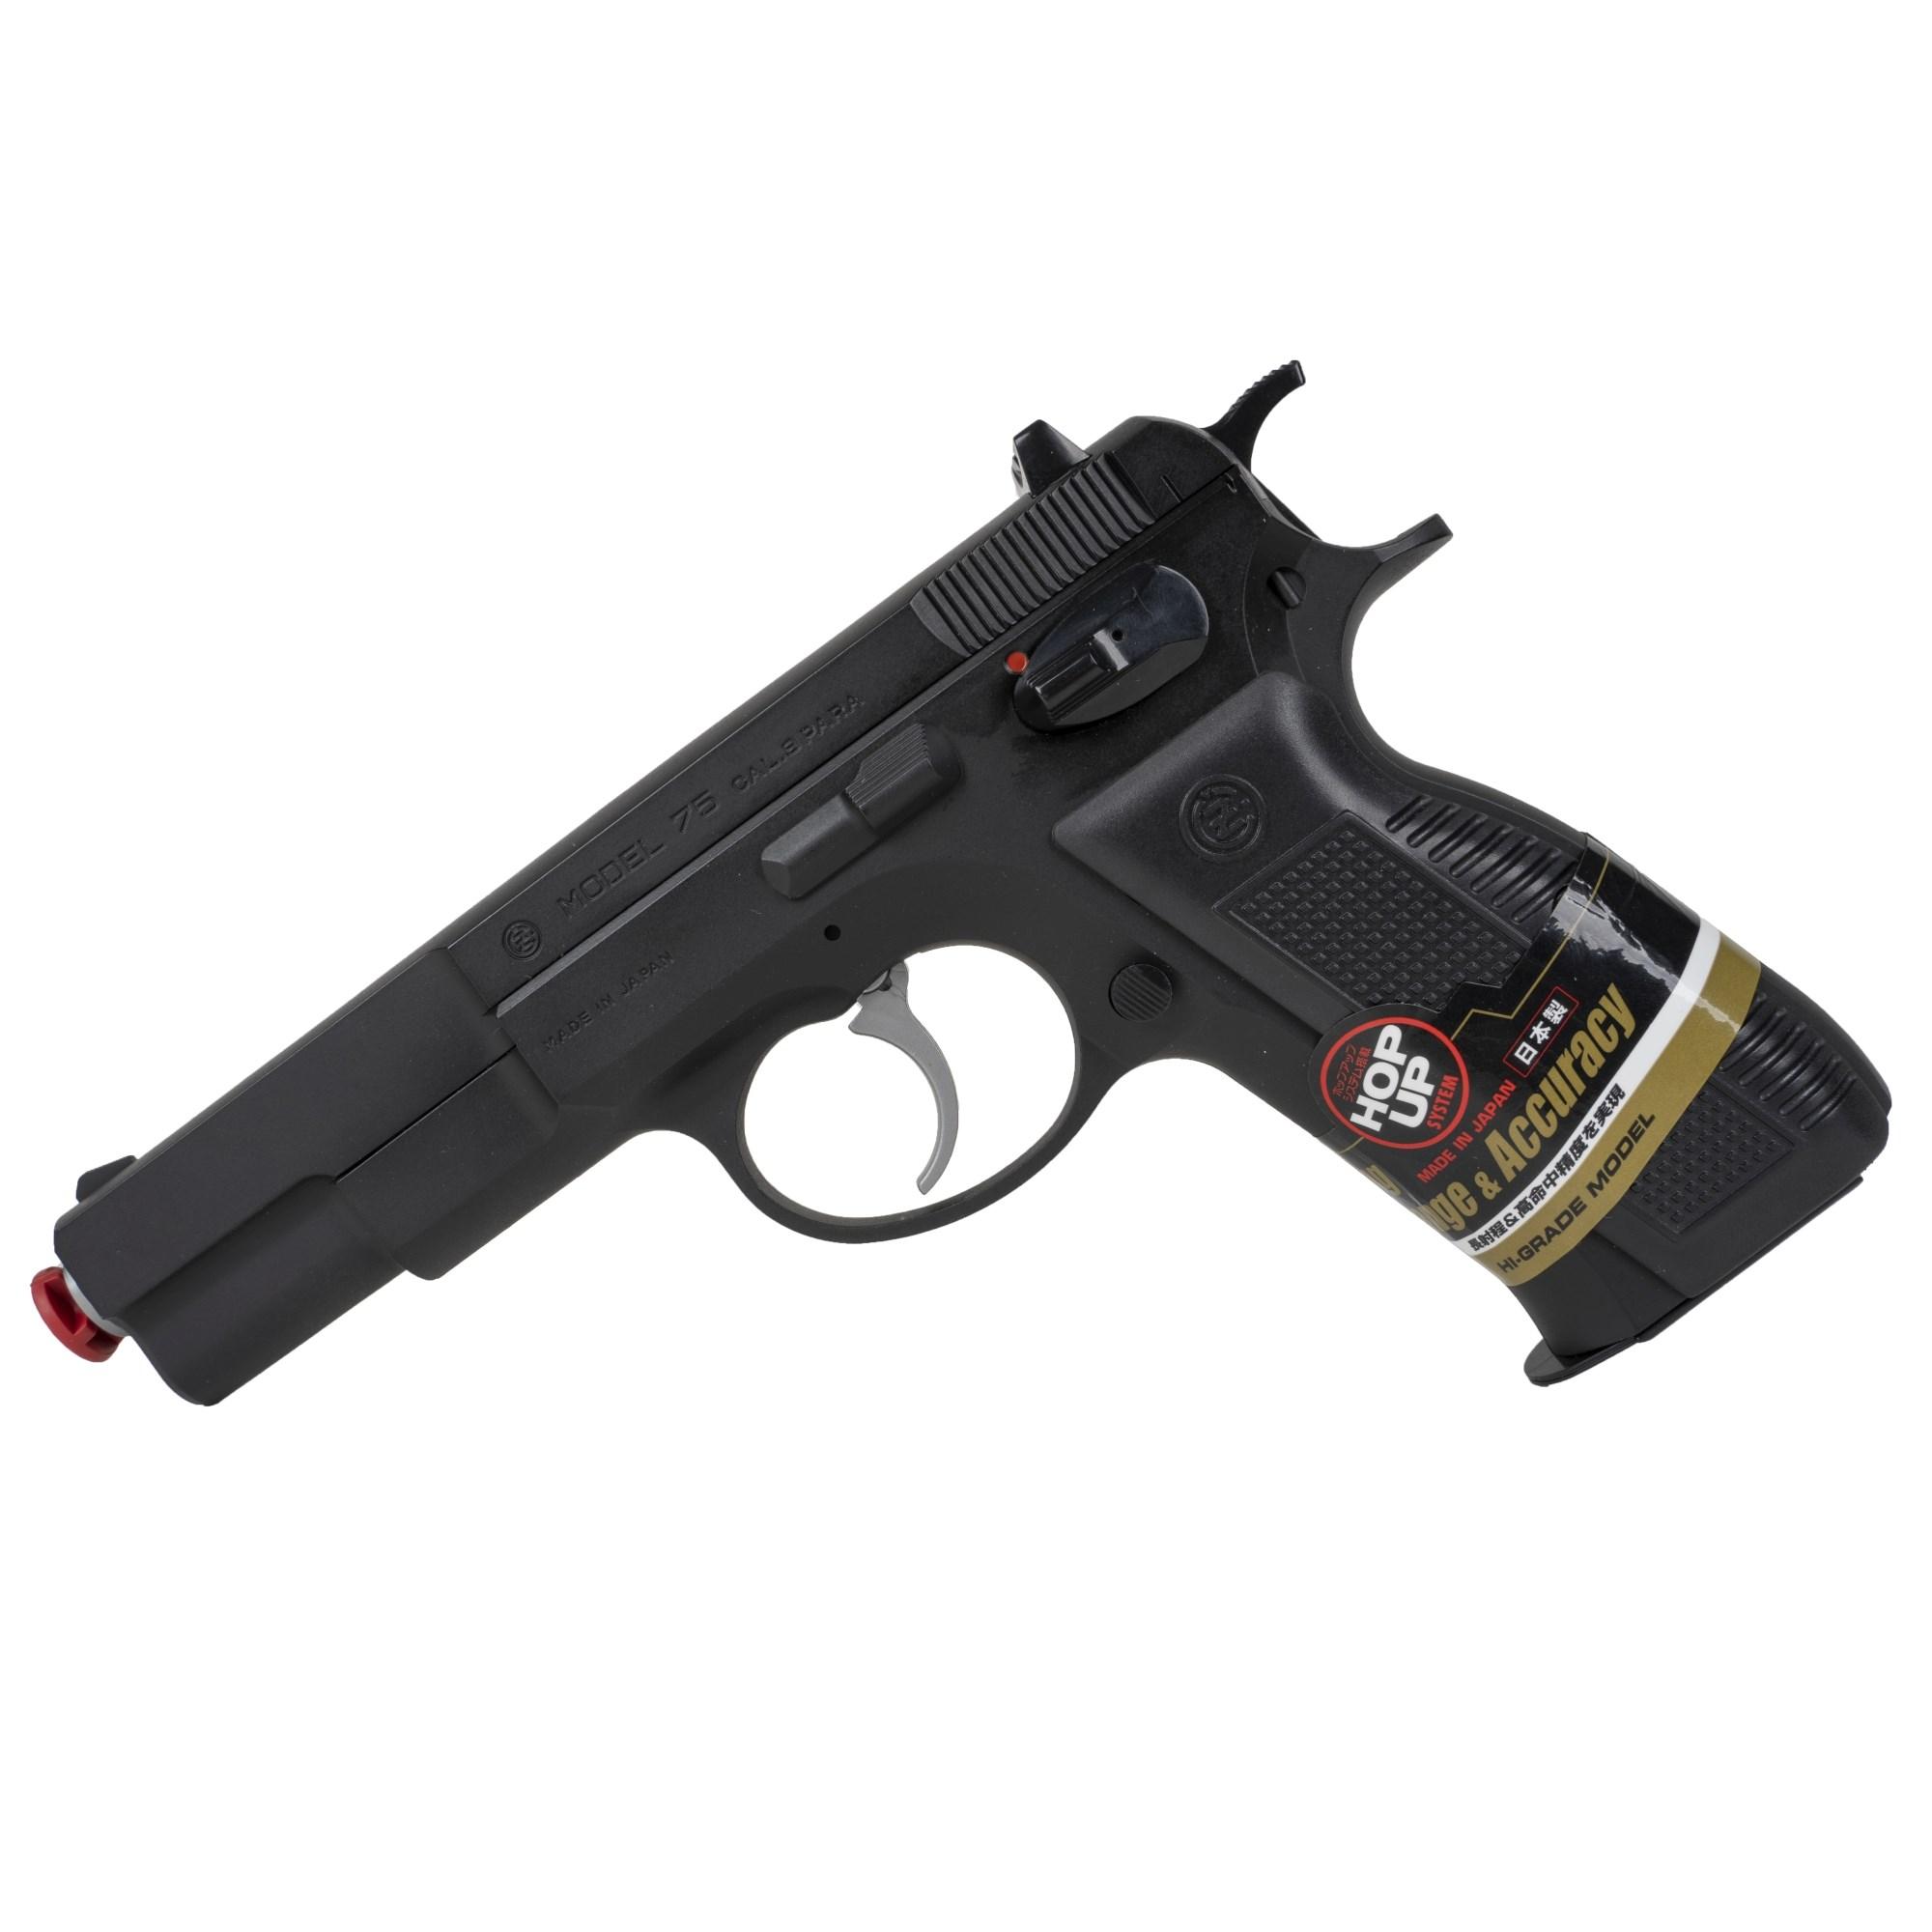 Pistole airsoft manuální CZ 75 ČERNÁ TOKYO MARUI 621083-0013239-3500 L-11